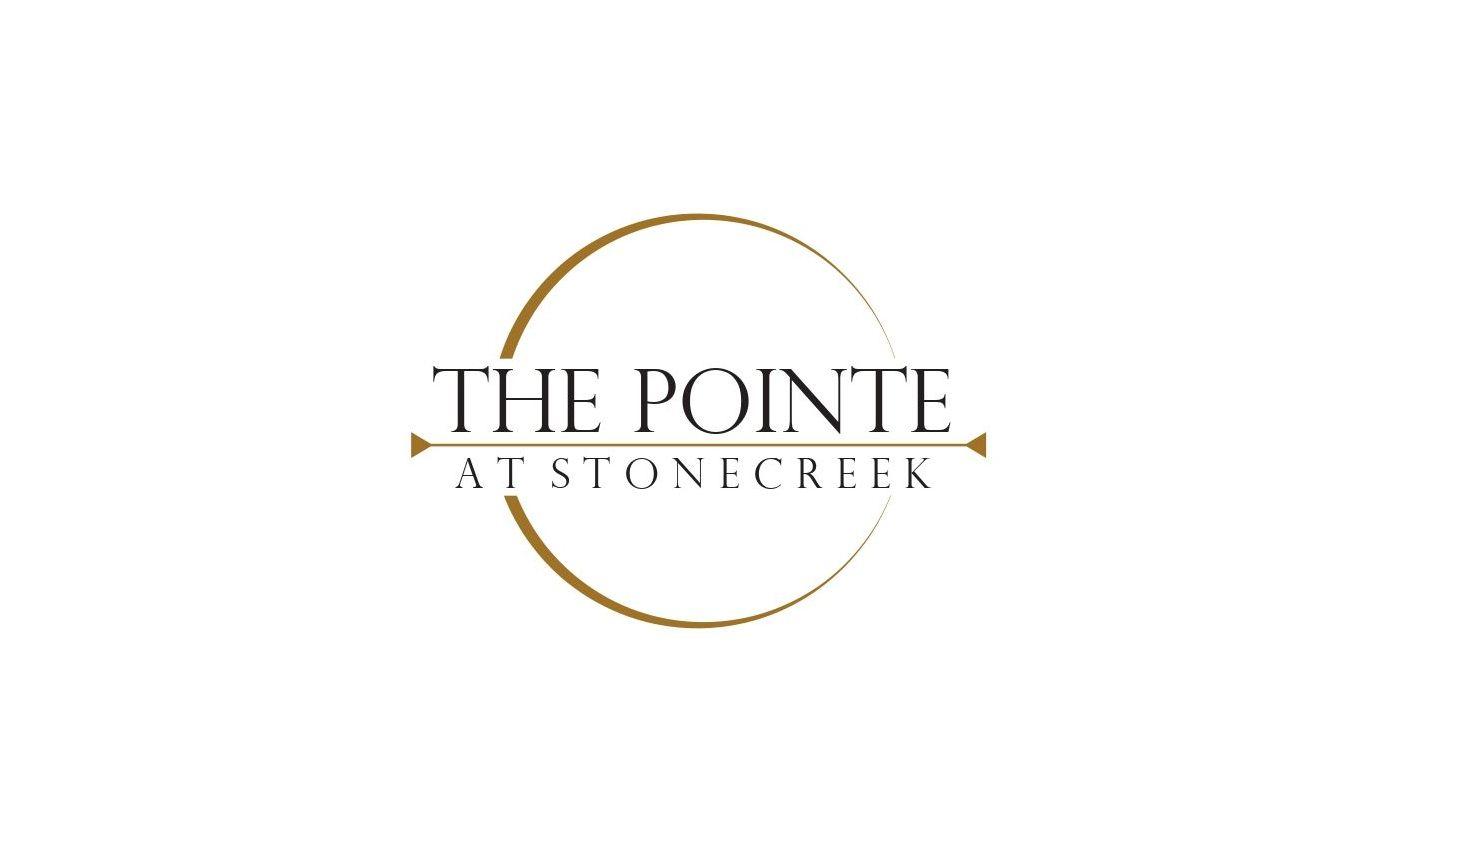 The Pointe @ Stonecreek,93635